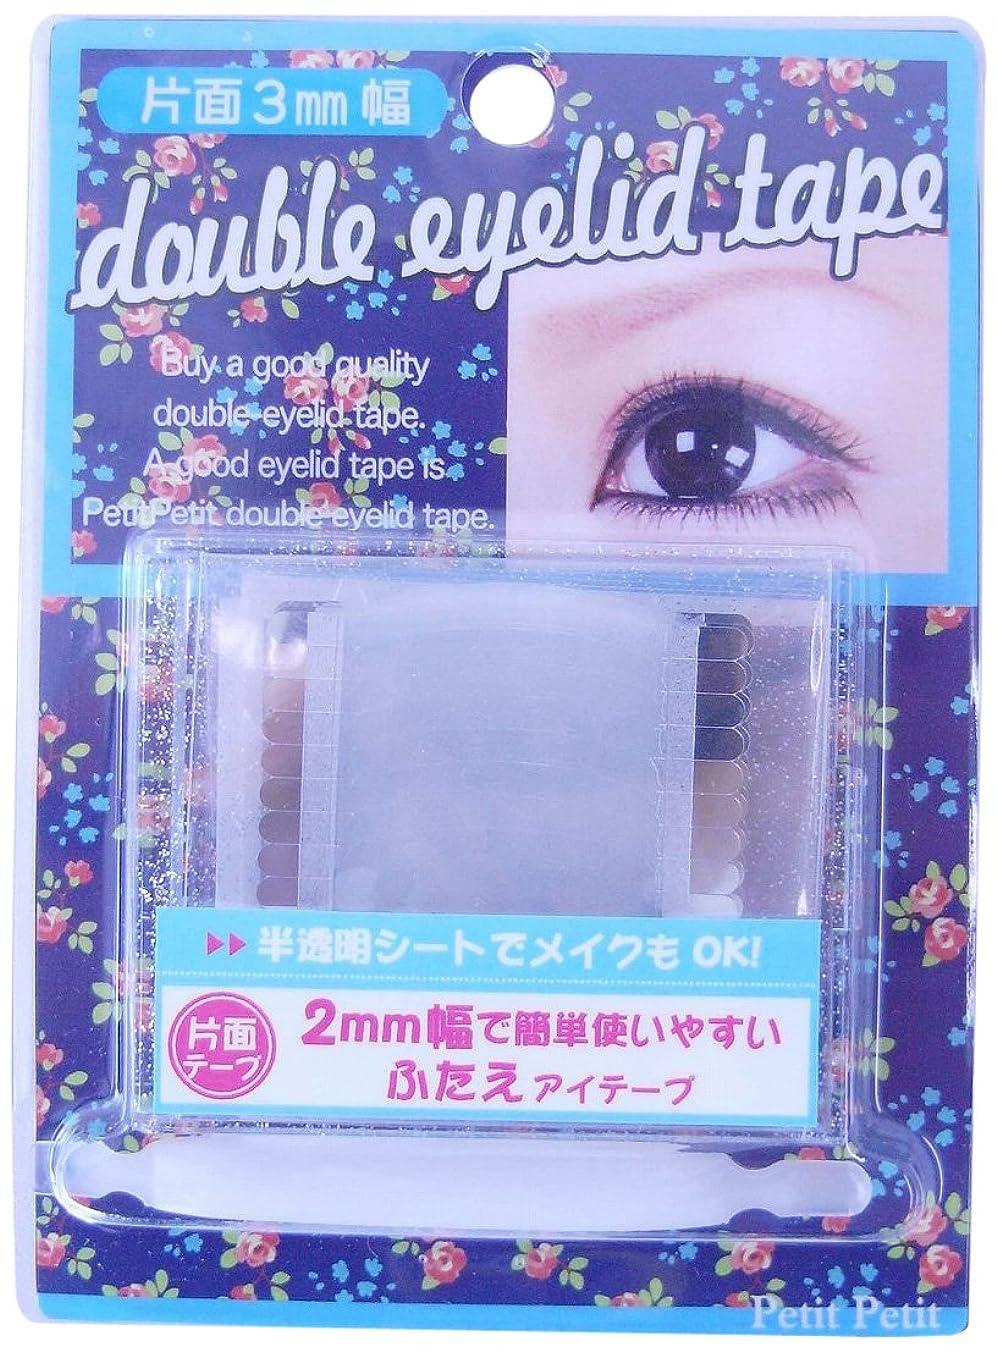 割合クレタ悪質なダブルアイリッドテープ 片面3mm PT74053